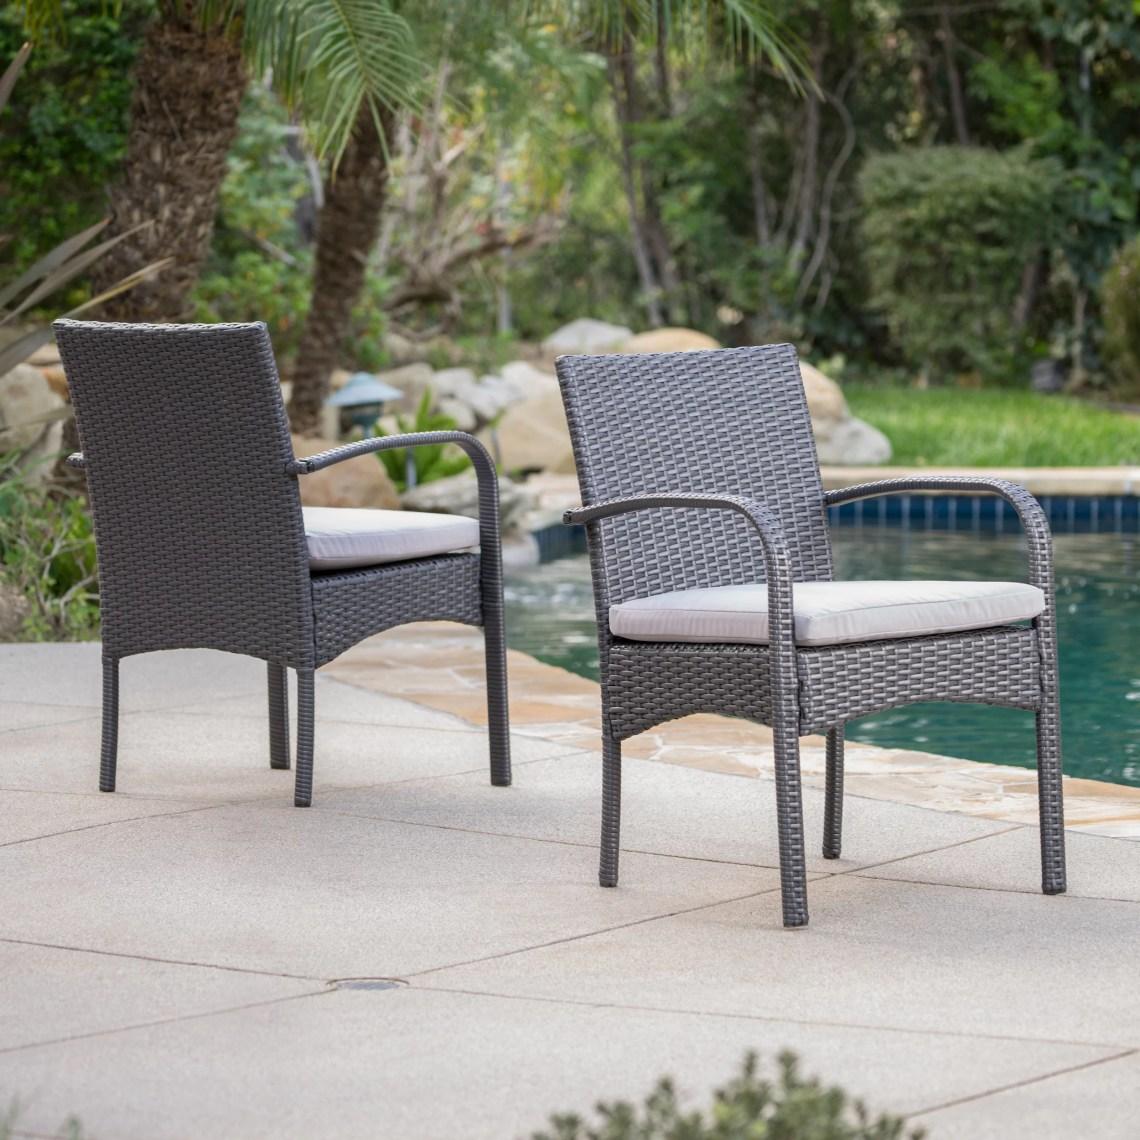 Bay Isle Home Mayaguana Patio Dining Chair With Cushion Reviews Wayfair